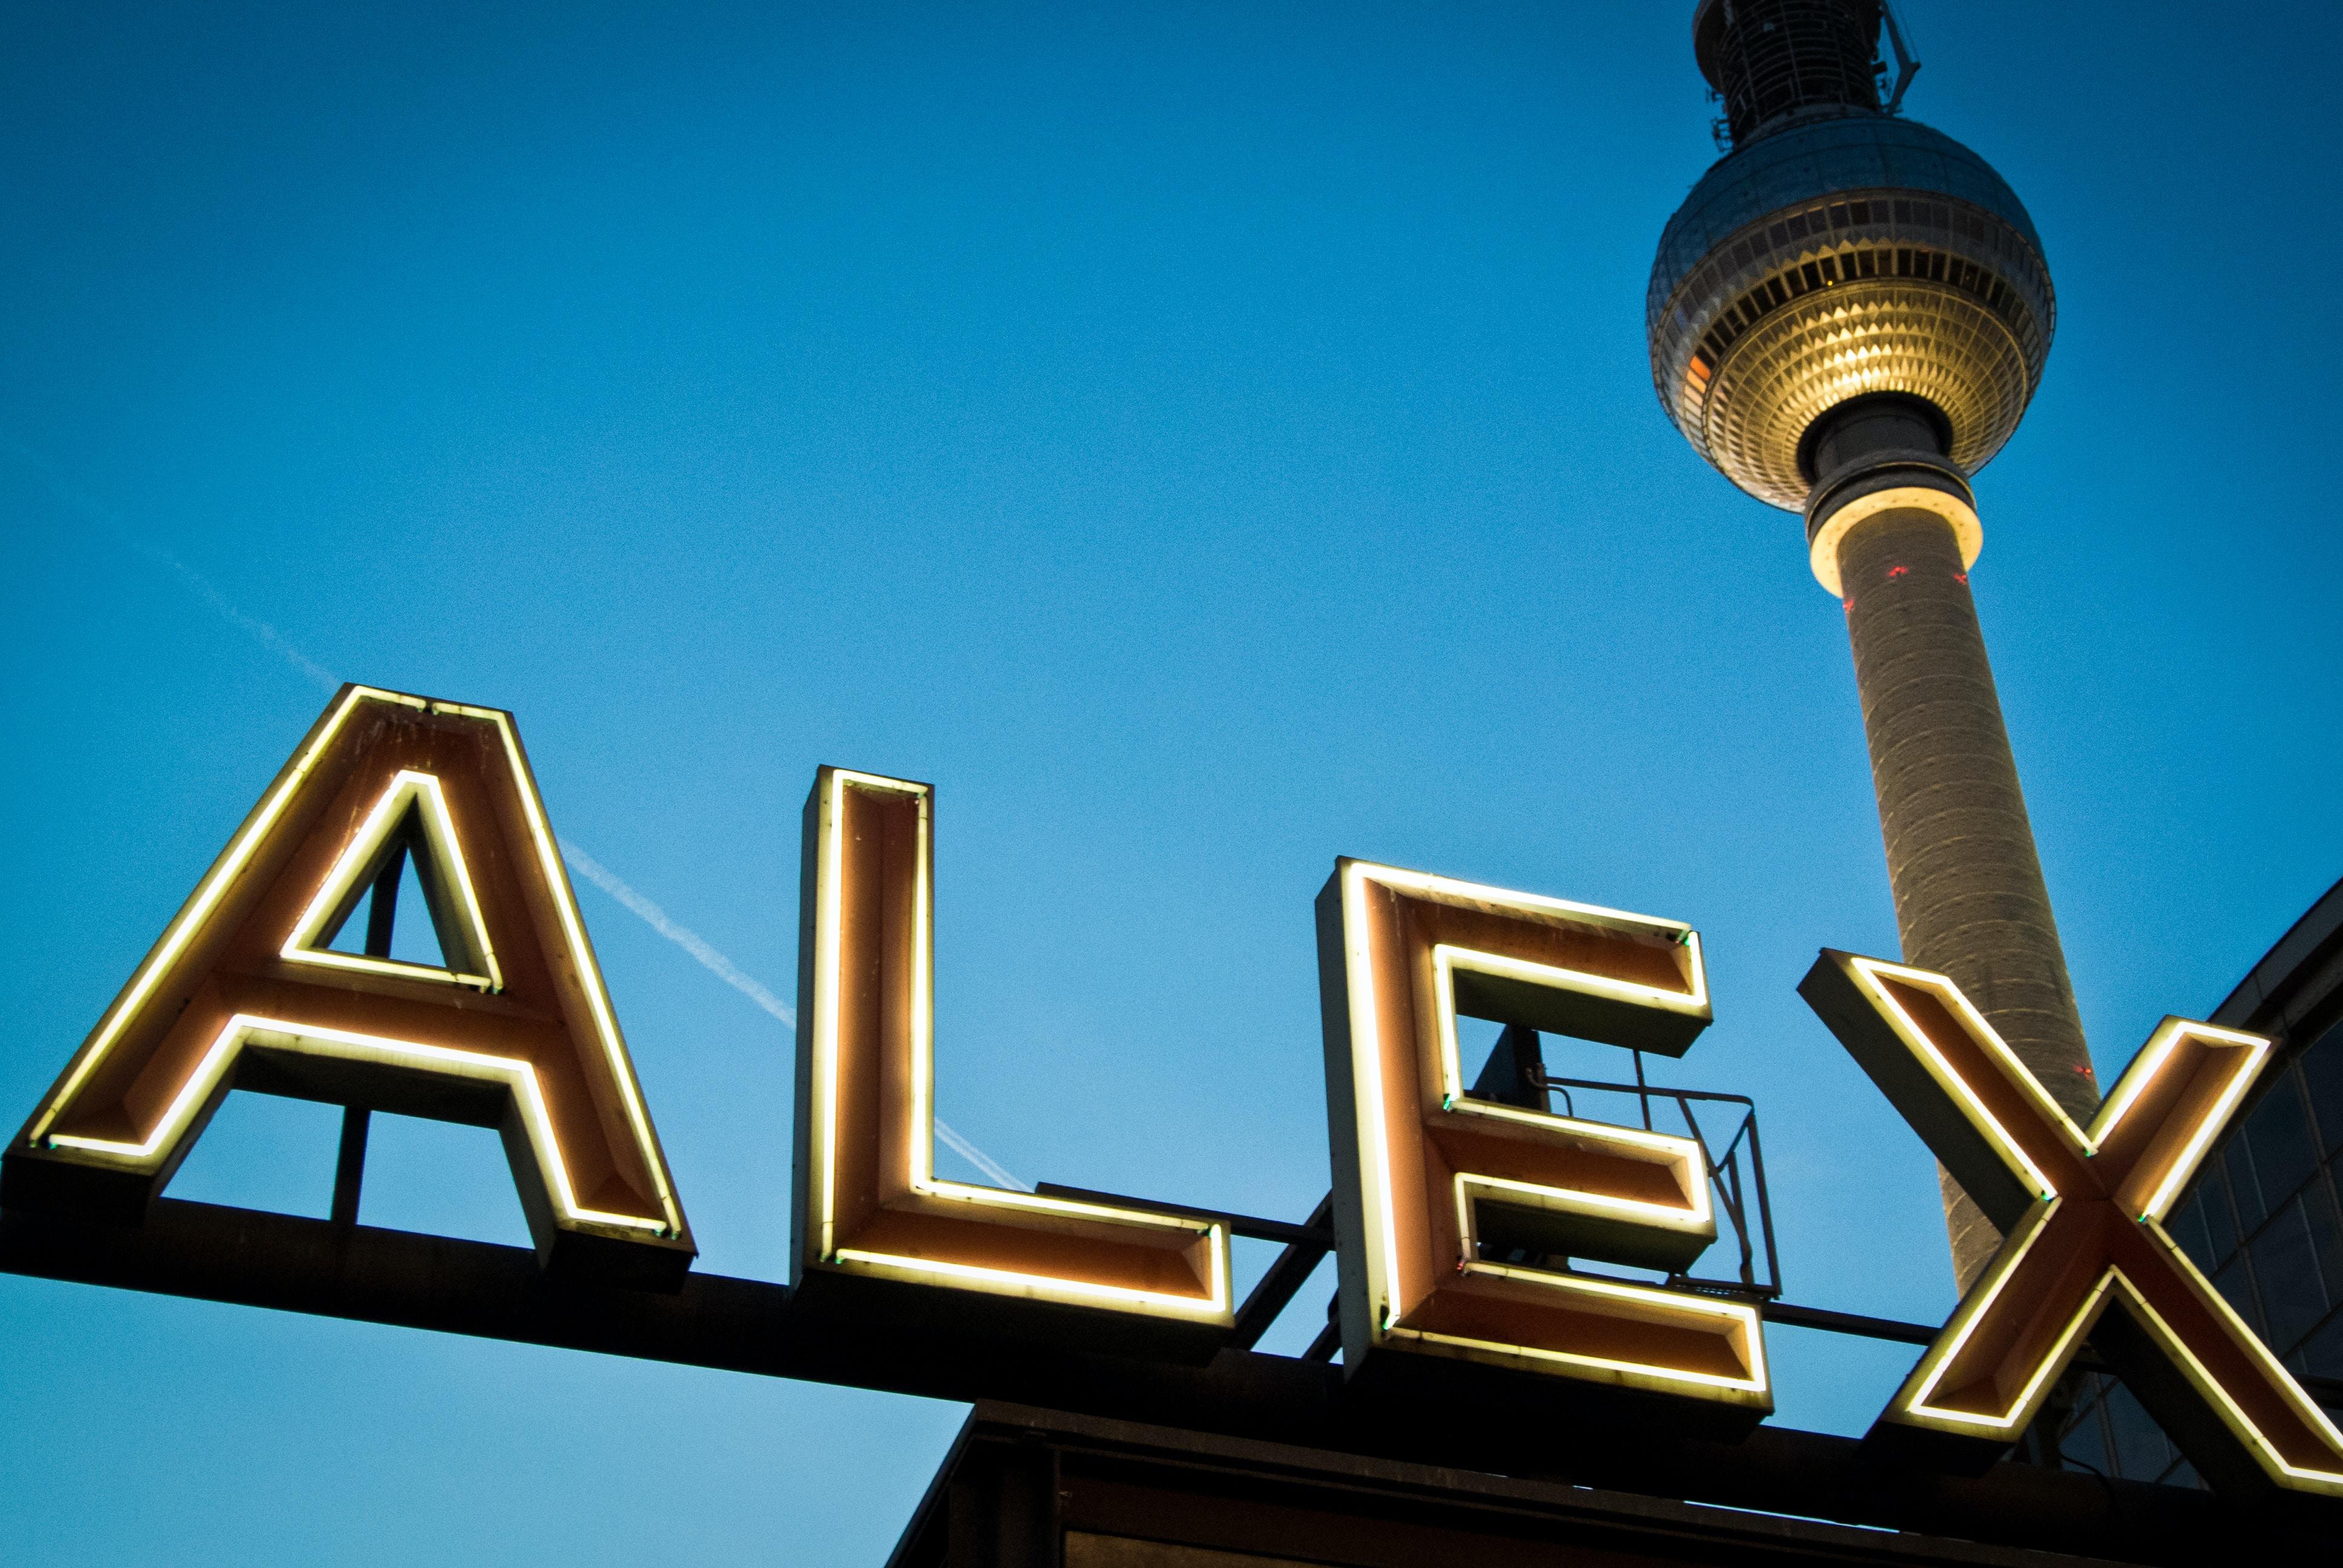 ALEX LED signage